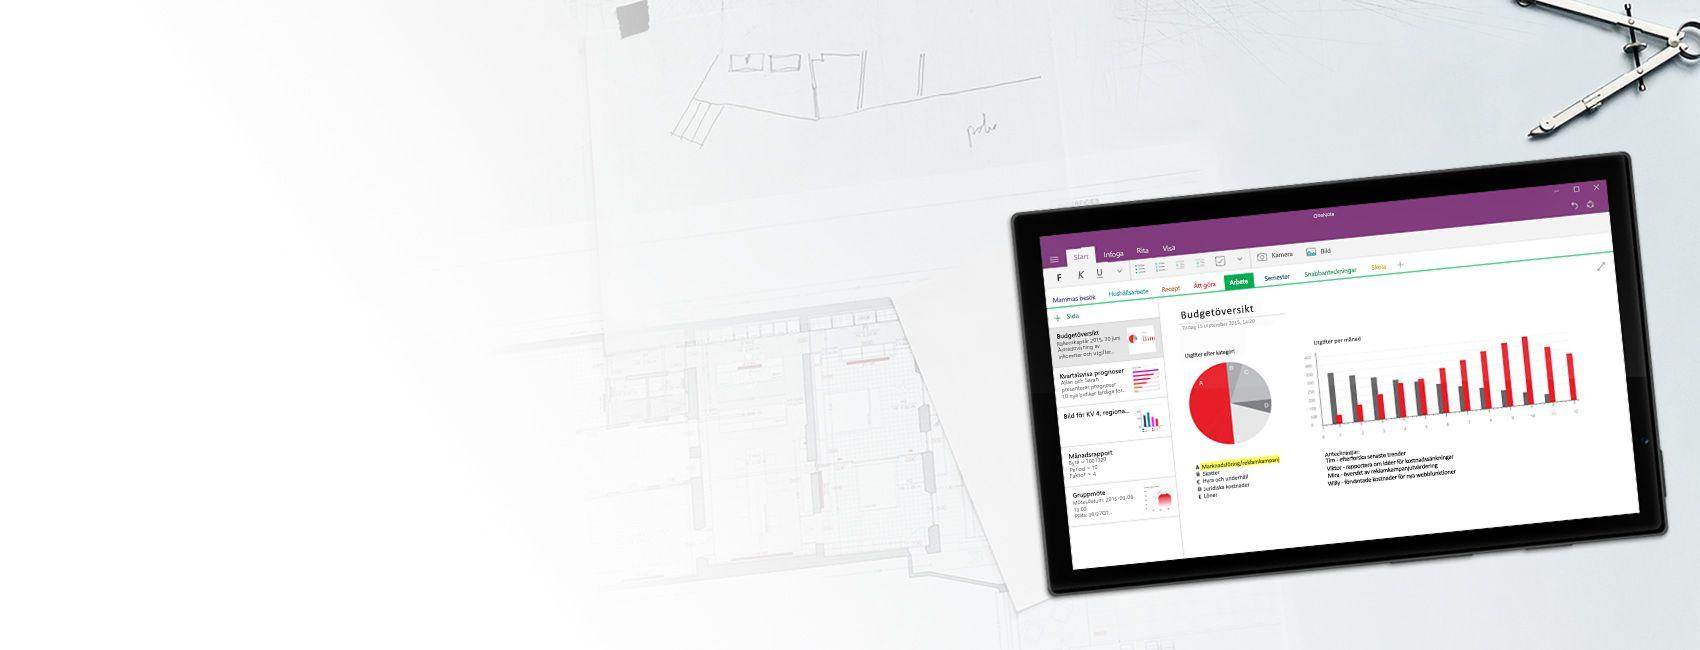 Windows-surfplatta som visar en OneNote-anteckningsbok med en budgetöversikt i form av diagram och grafer